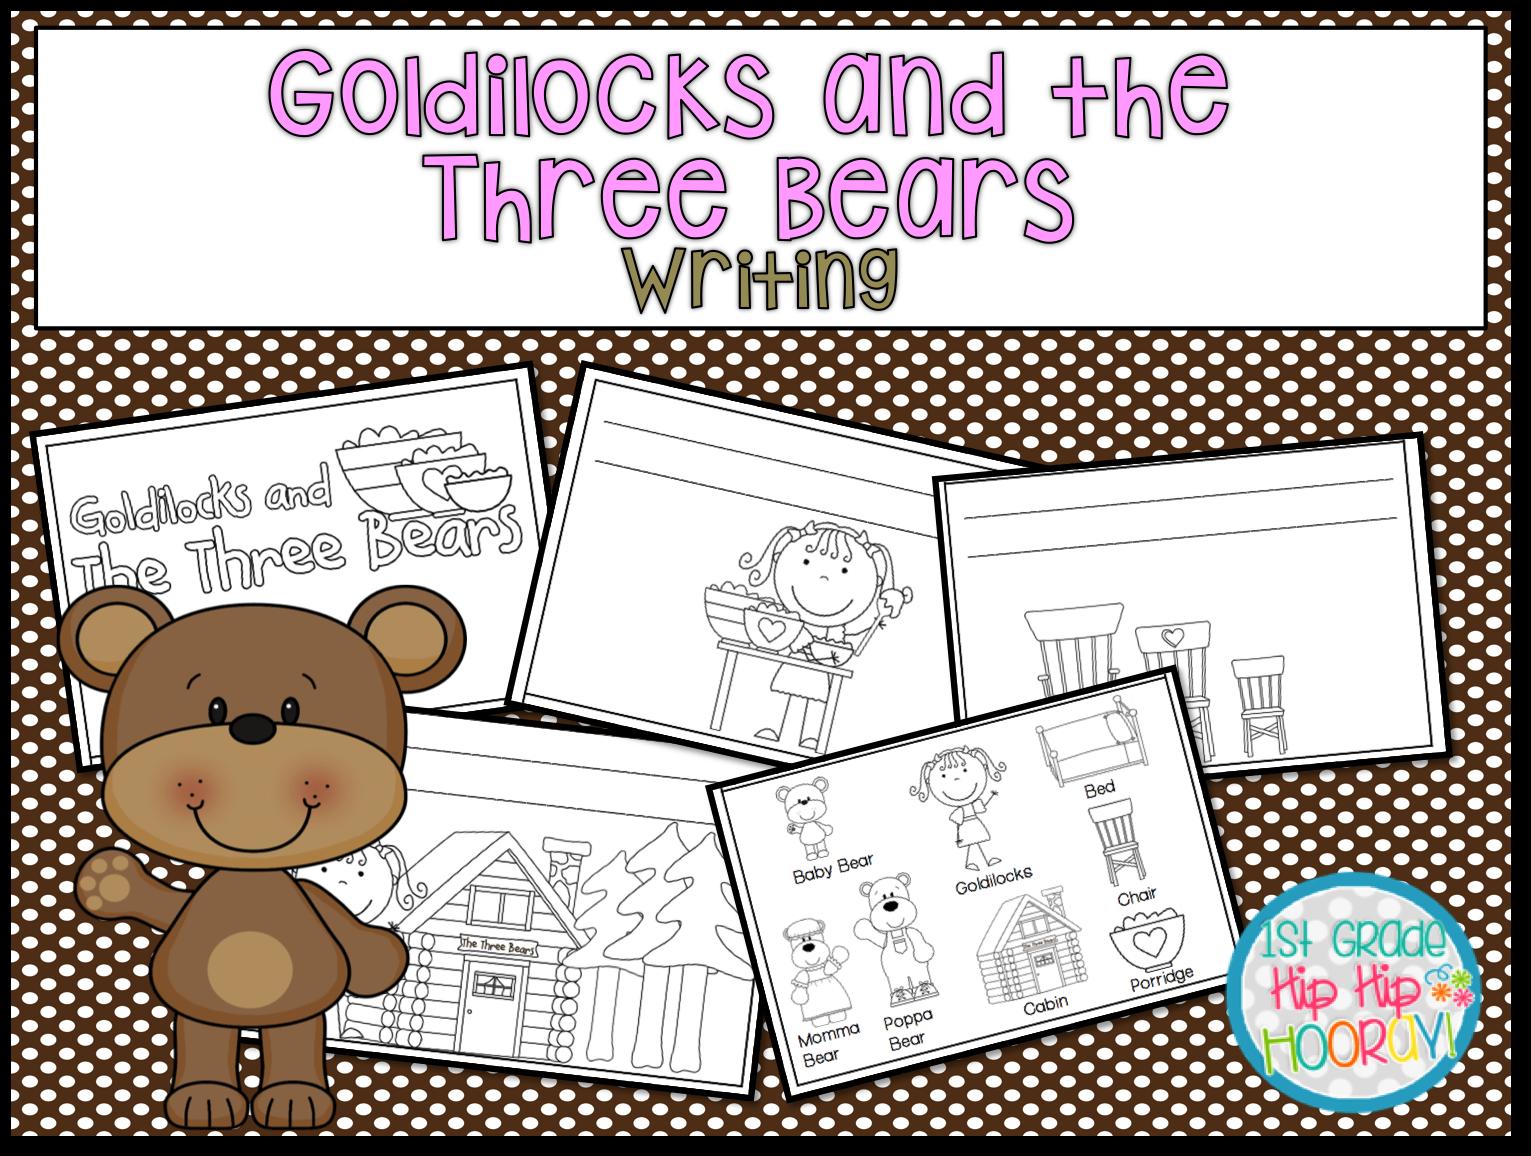 1st Grade Hip Hip Hooray Goldilocks And The Three Bears